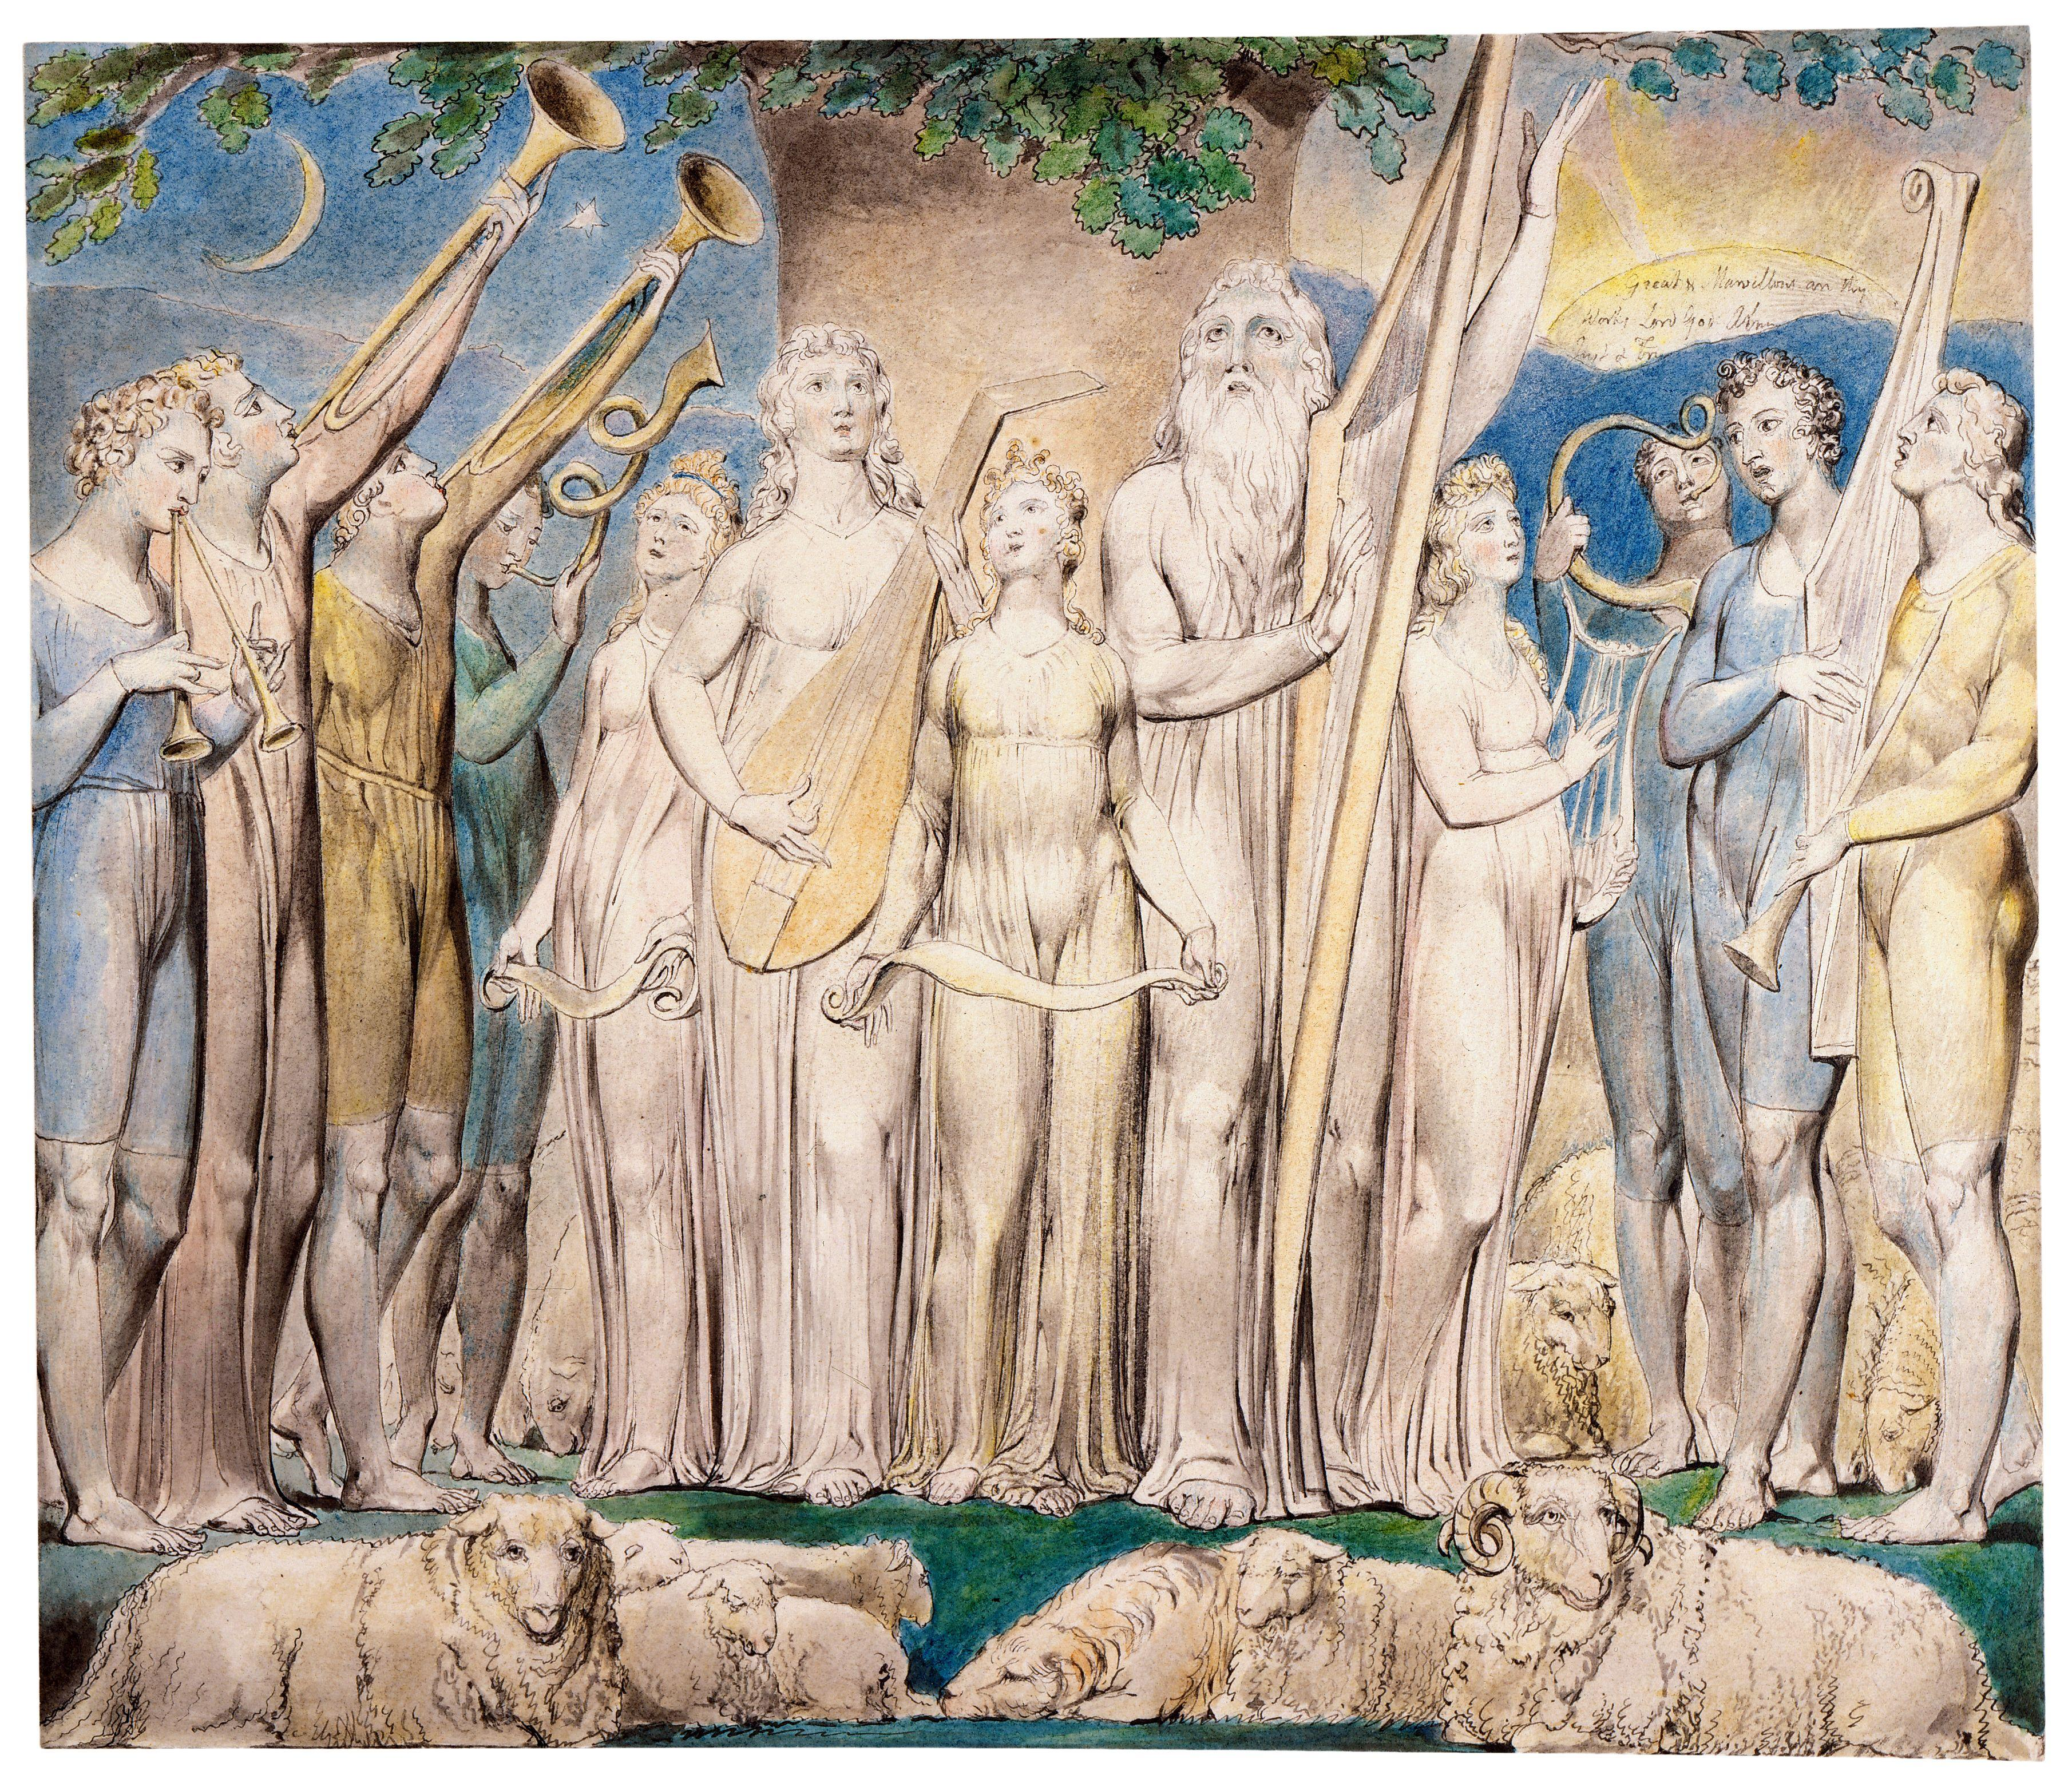 上图:英国诗人、画家威廉·布莱克(William Blake,1757-1827年)的版画《约伯和他的家庭被恢复 Job and His Family Restored to Prosperity》,描绘「这样,耶和华后来赐福给约伯比先前更多」(伯四十二12)。